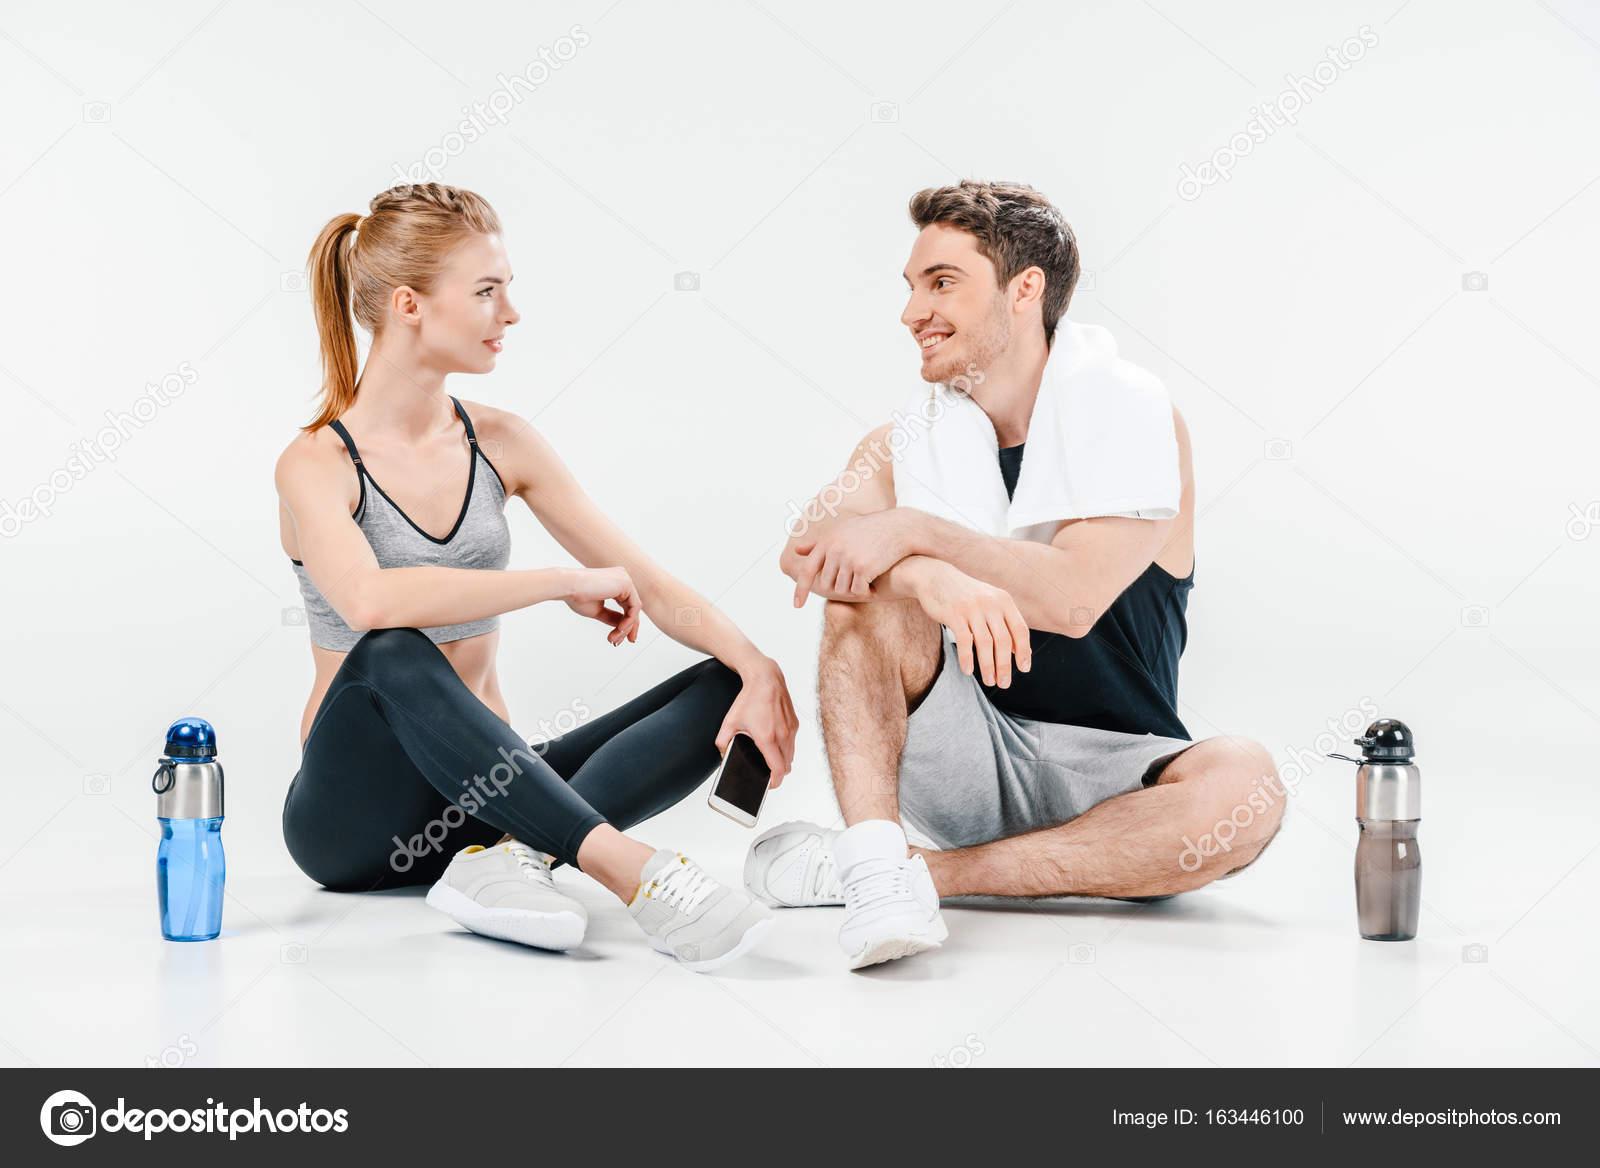 Persoonlijke training dating